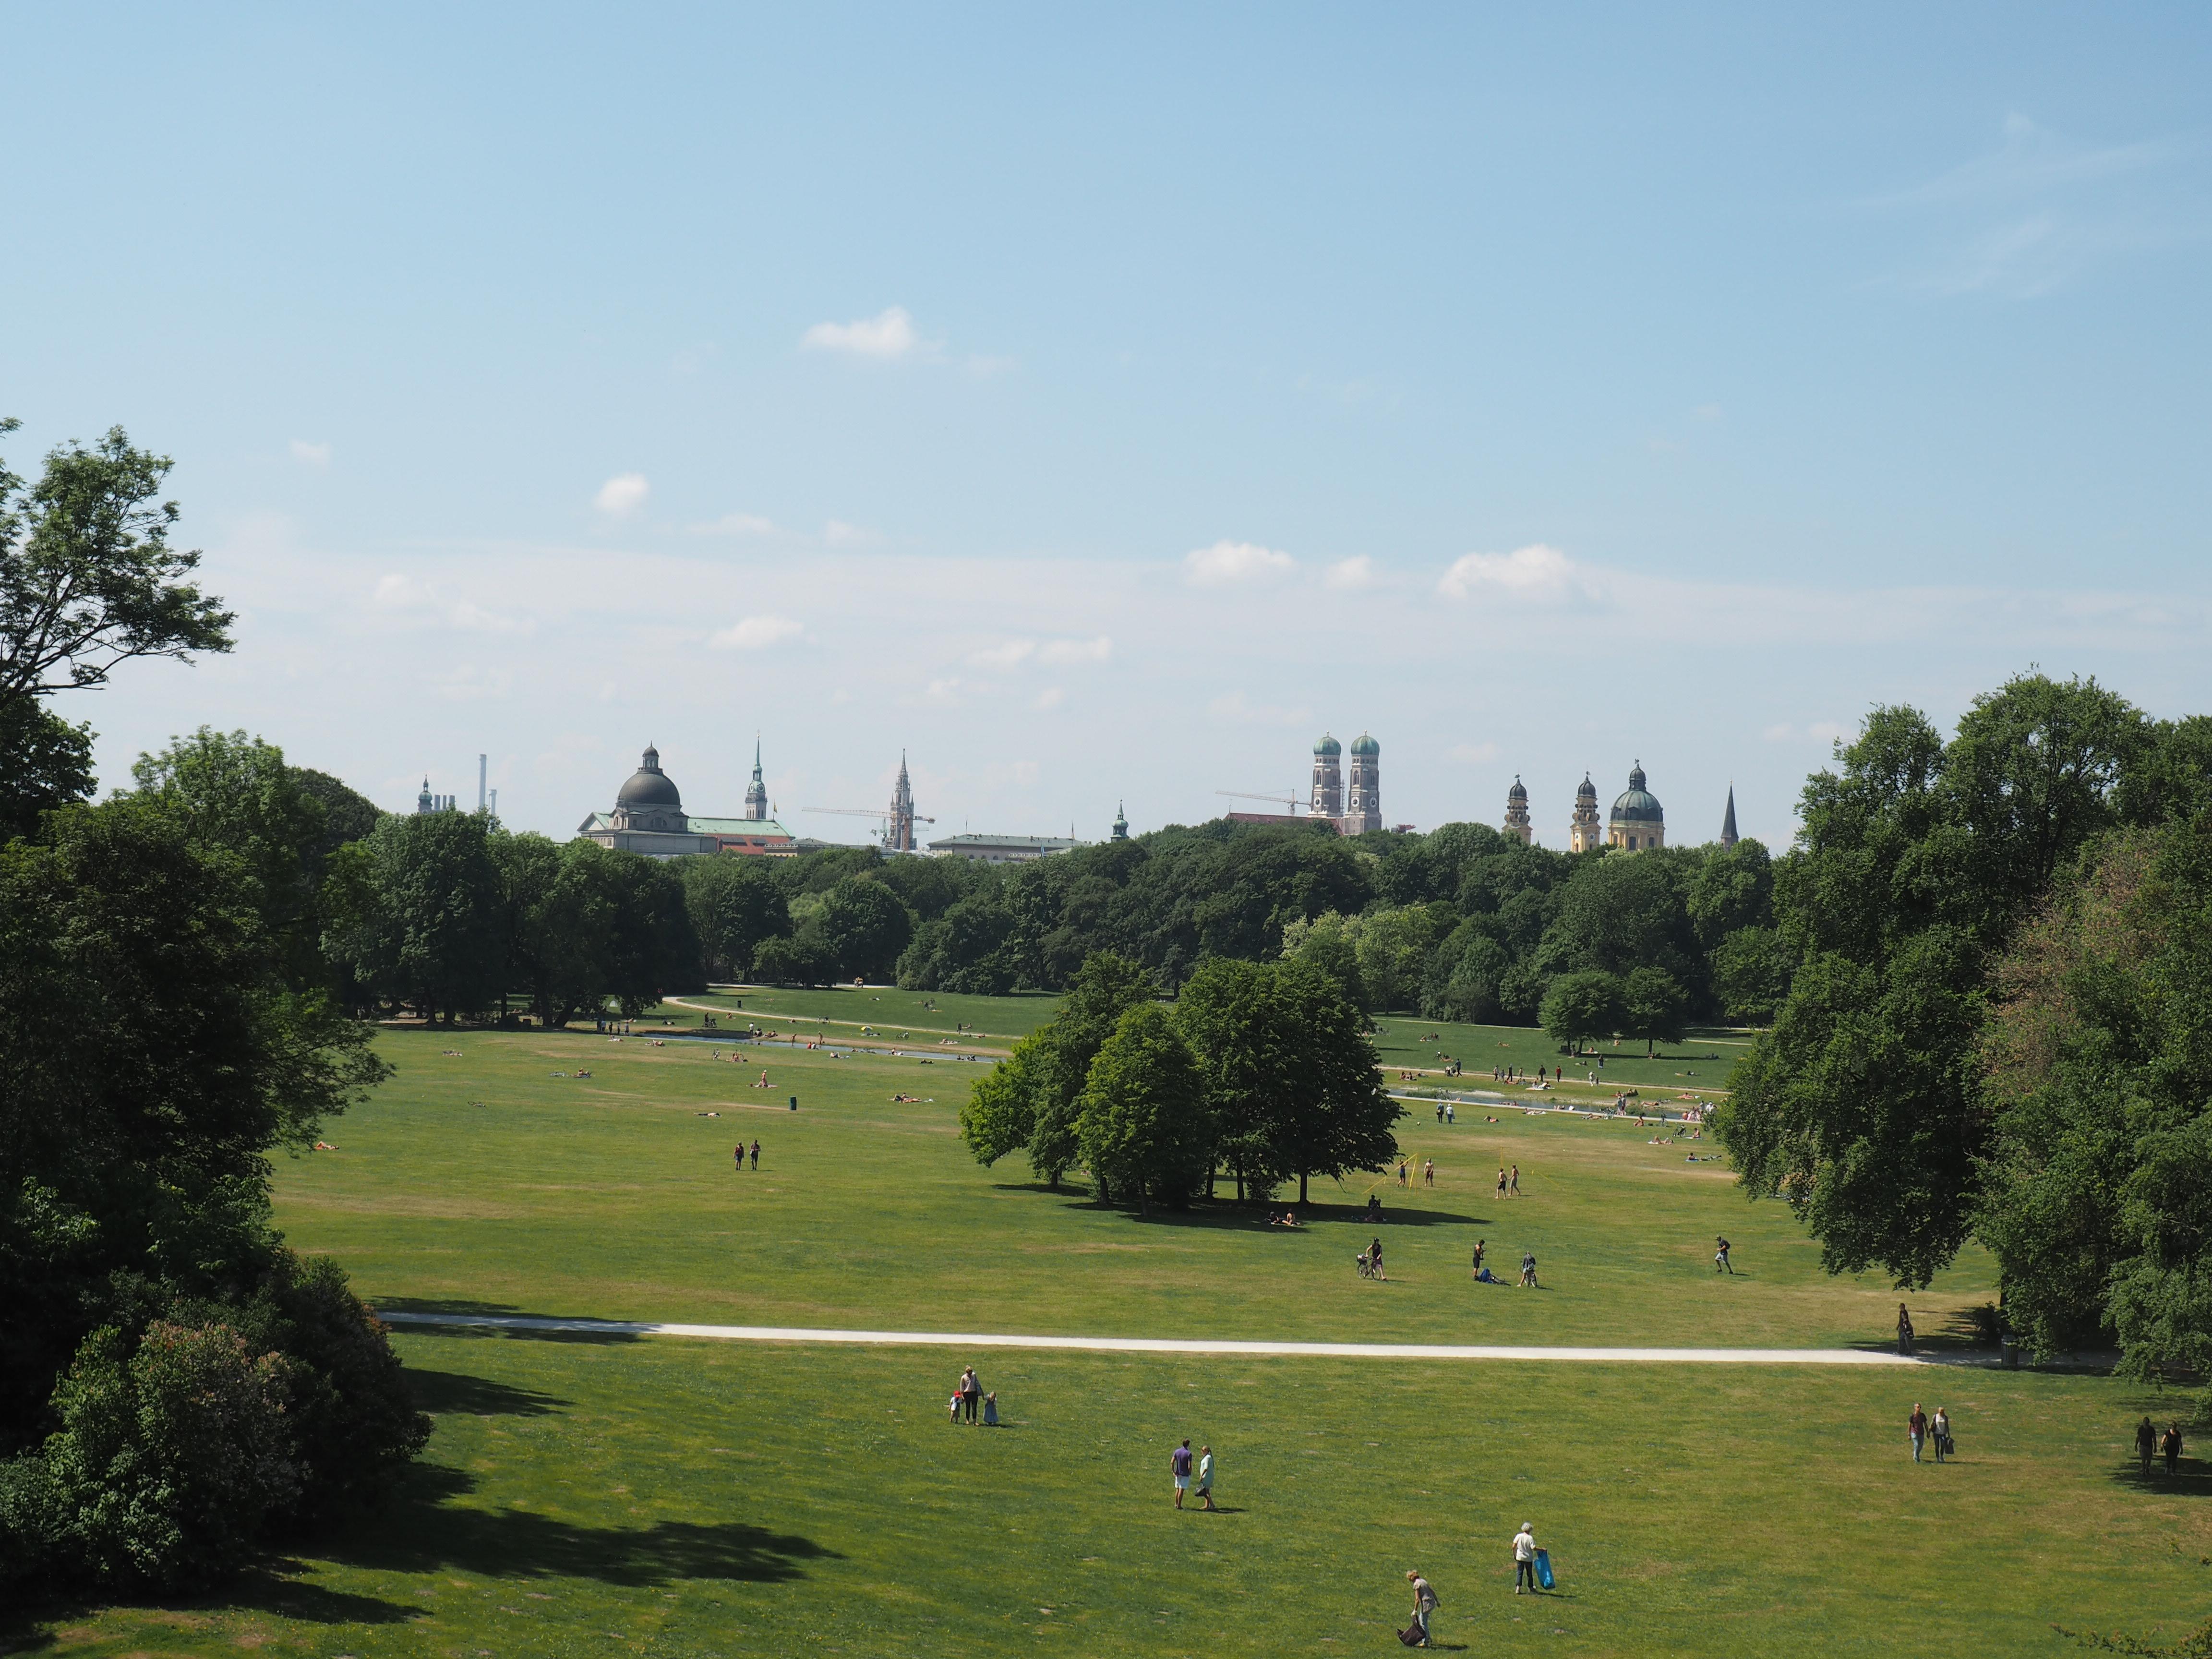 Spektakuläre Aussicht auf München vom Rundtempel Monopteros im Englischen Garten